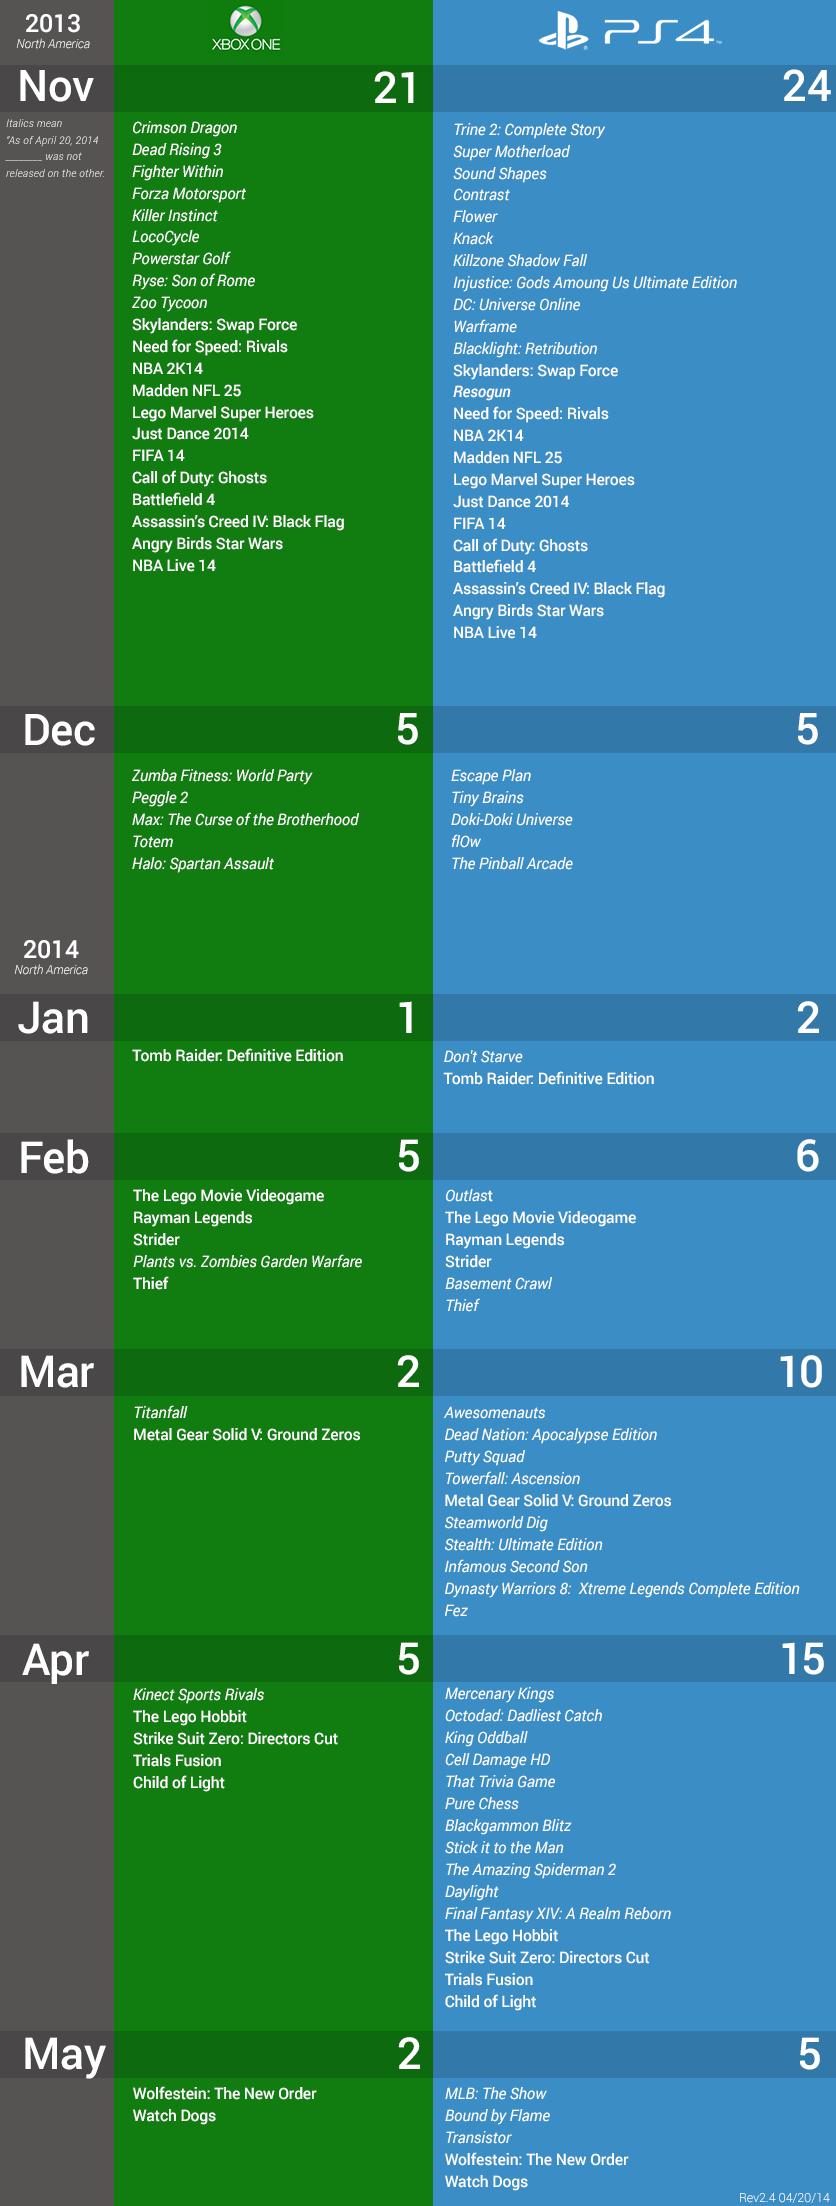 Lista Comparativa Catalogo De Juegos De Ps4 Vs Xbox One